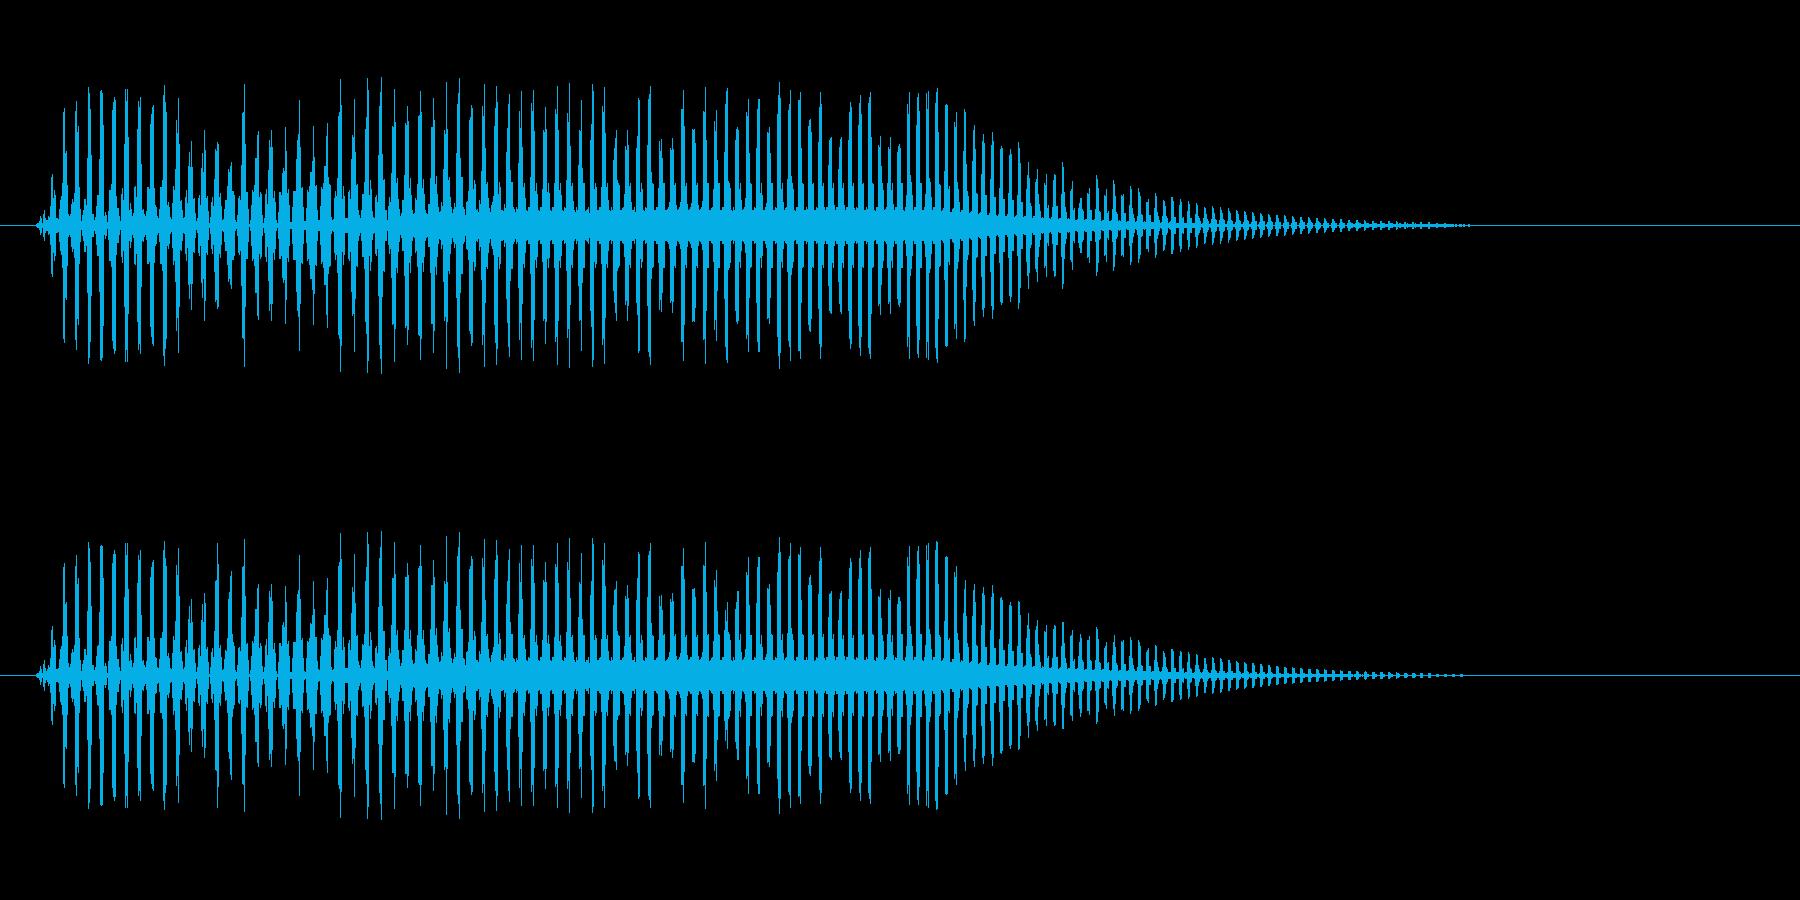 プゥウ(小さいオナラの音)の再生済みの波形